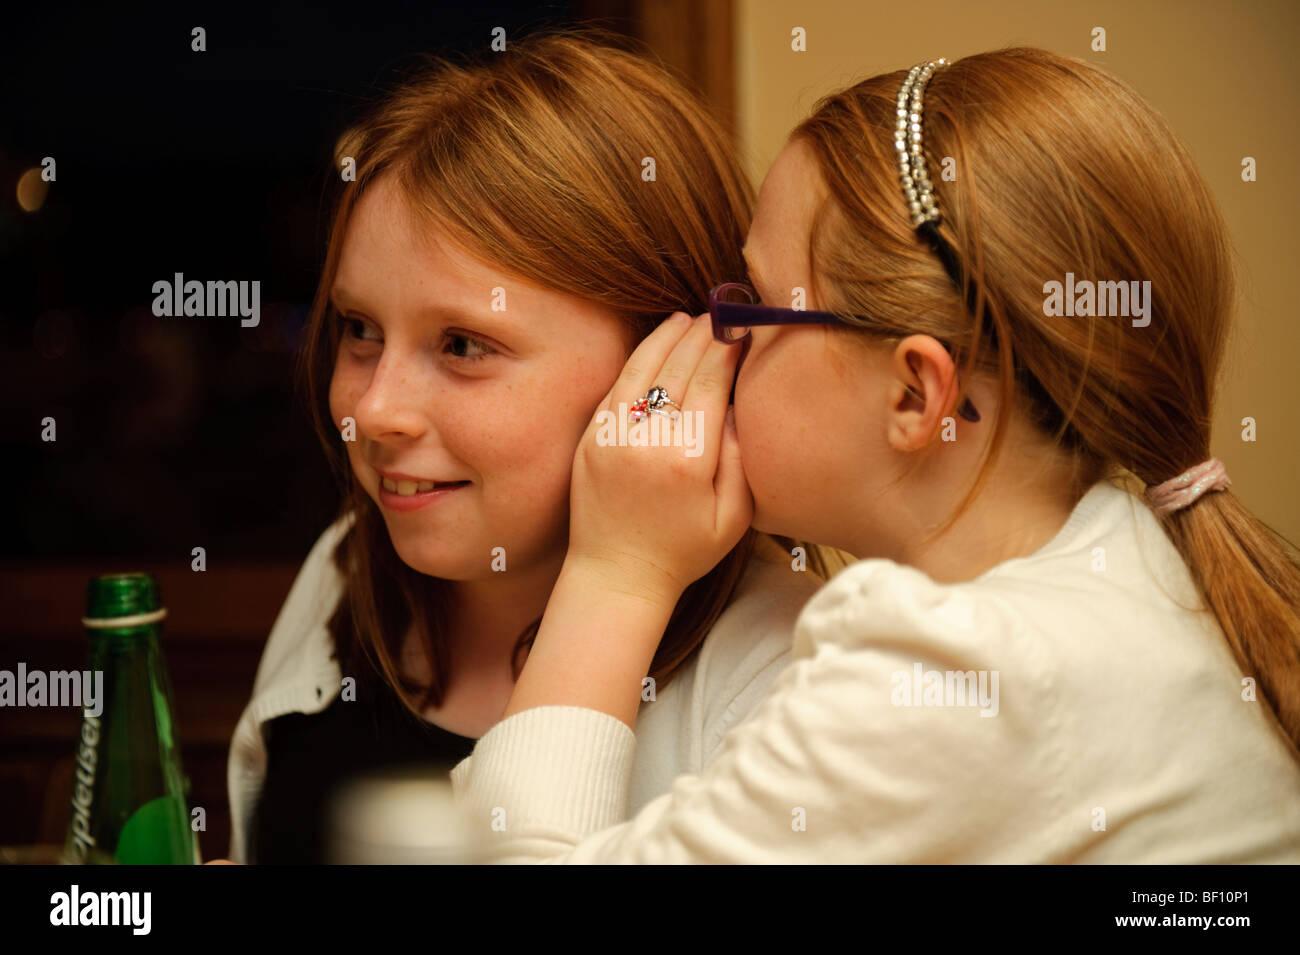 Год любви игры девочек